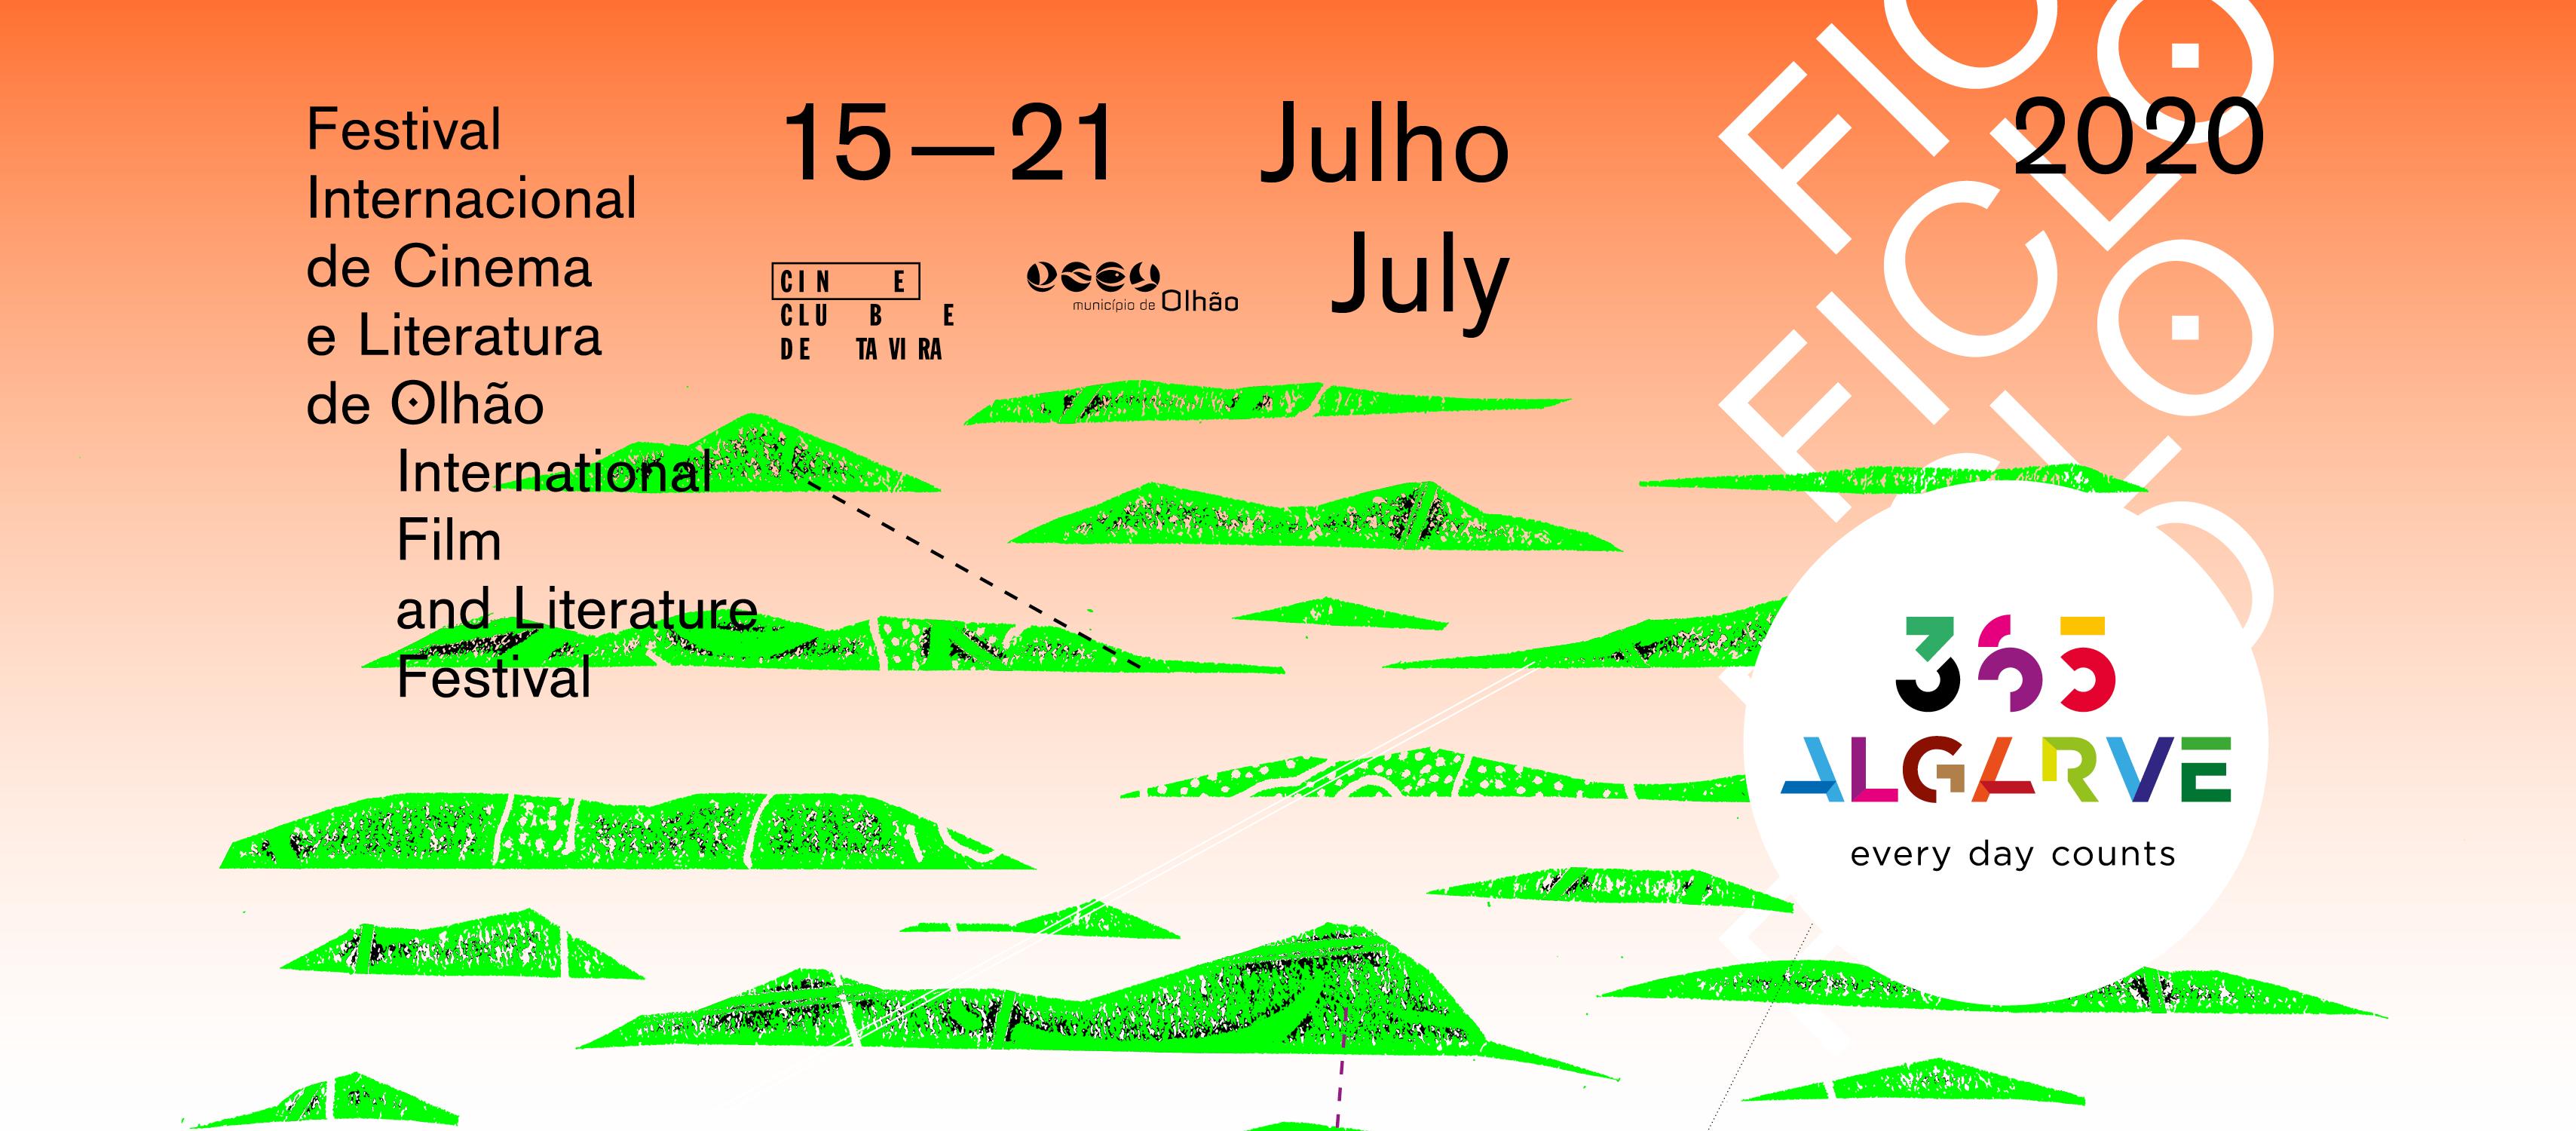 Festival Internacional de Cinema e Literatura de Olhão